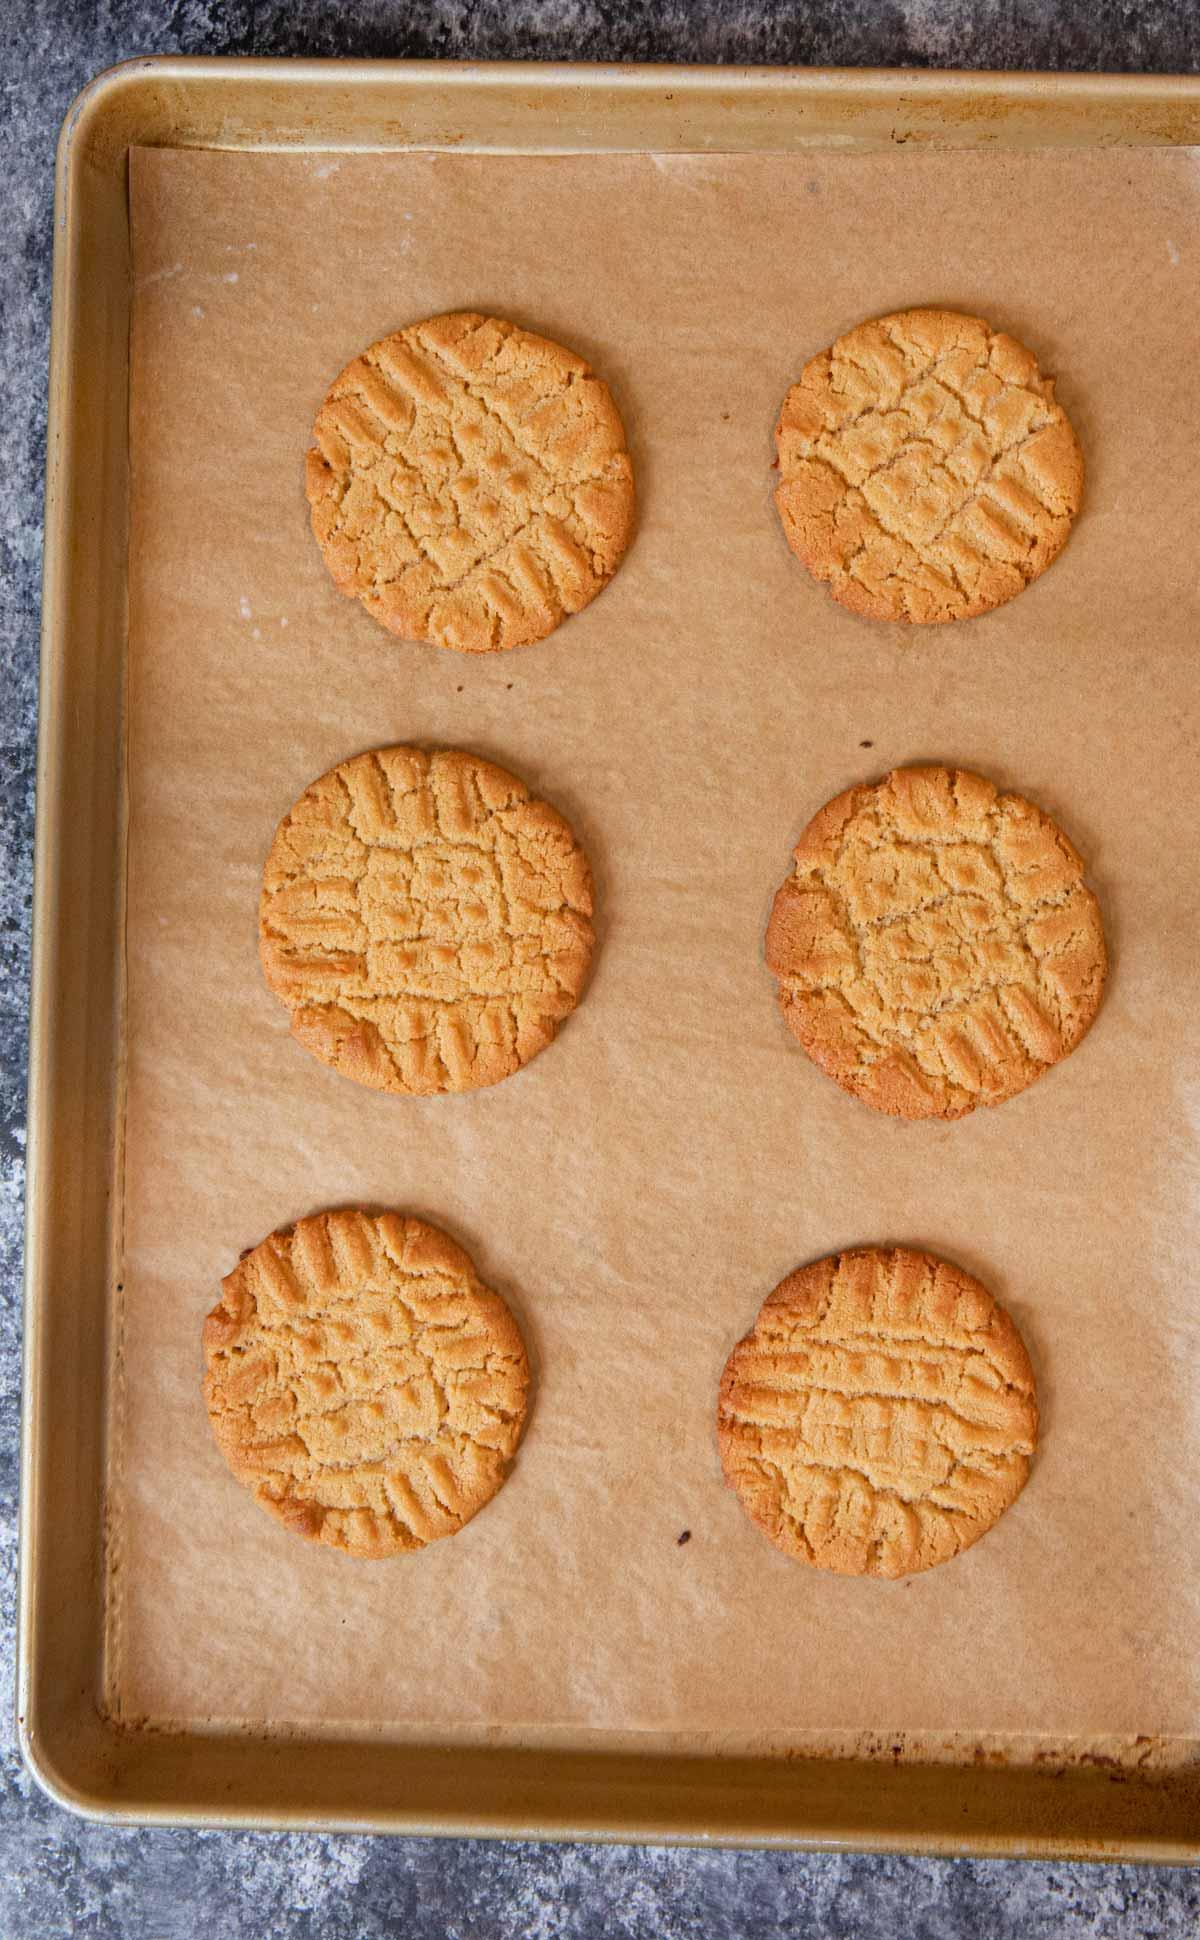 Crispy Peanut Butter Cookies on baking sheet